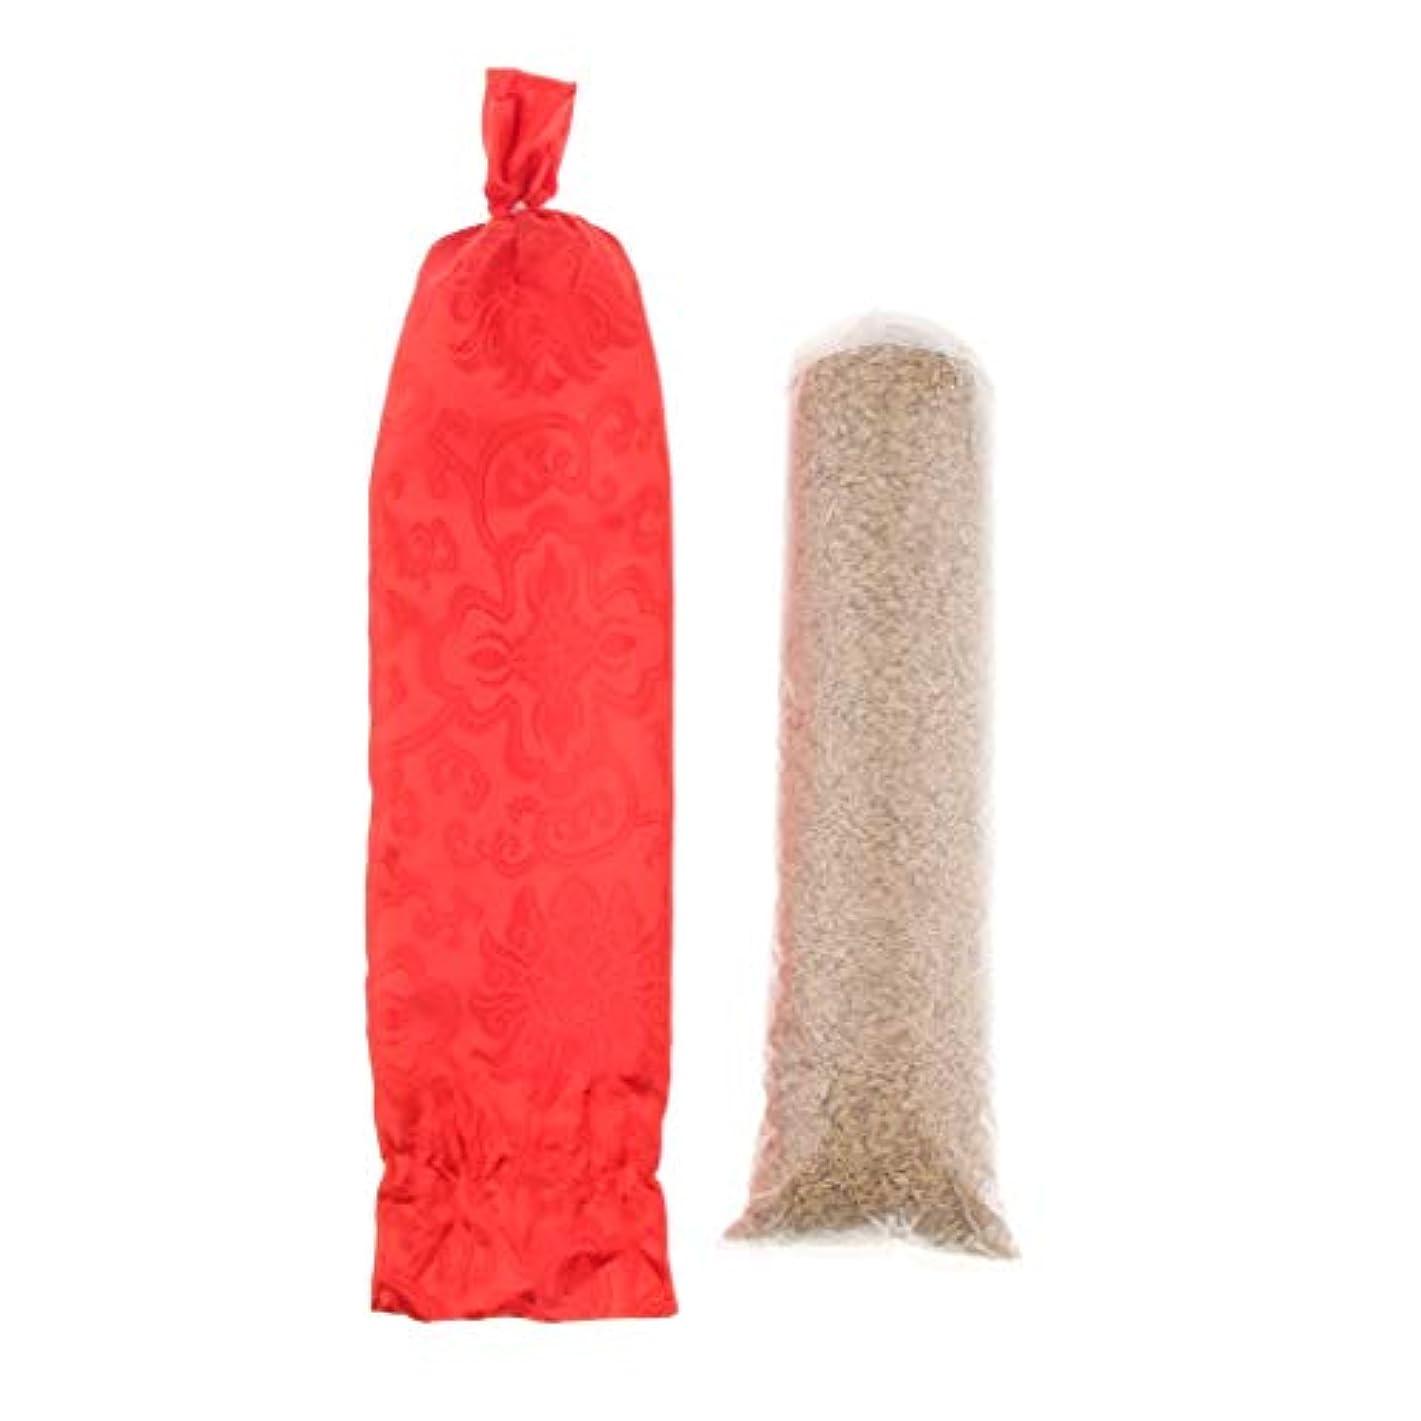 リンケージテザー荒野ラウンド 頚部枕 ロール枕 洗濯可能なカバー サポートピロー